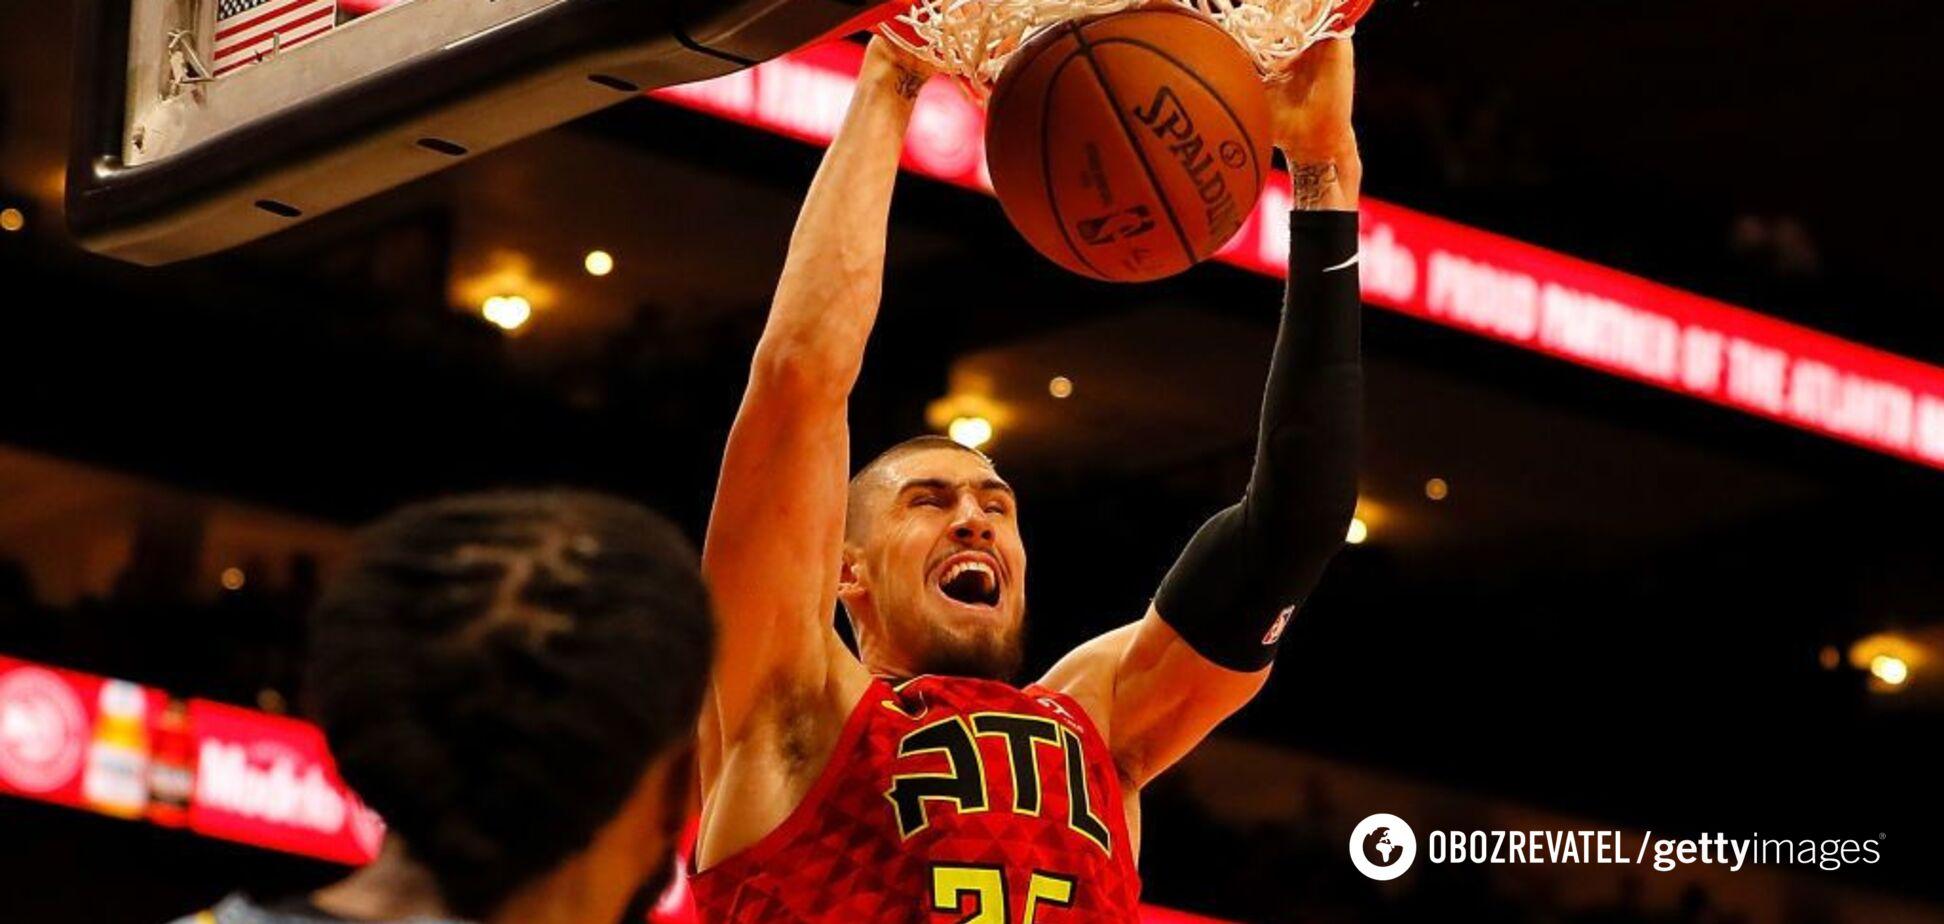 Украинец Лэнь провел шикарный матч в НБА